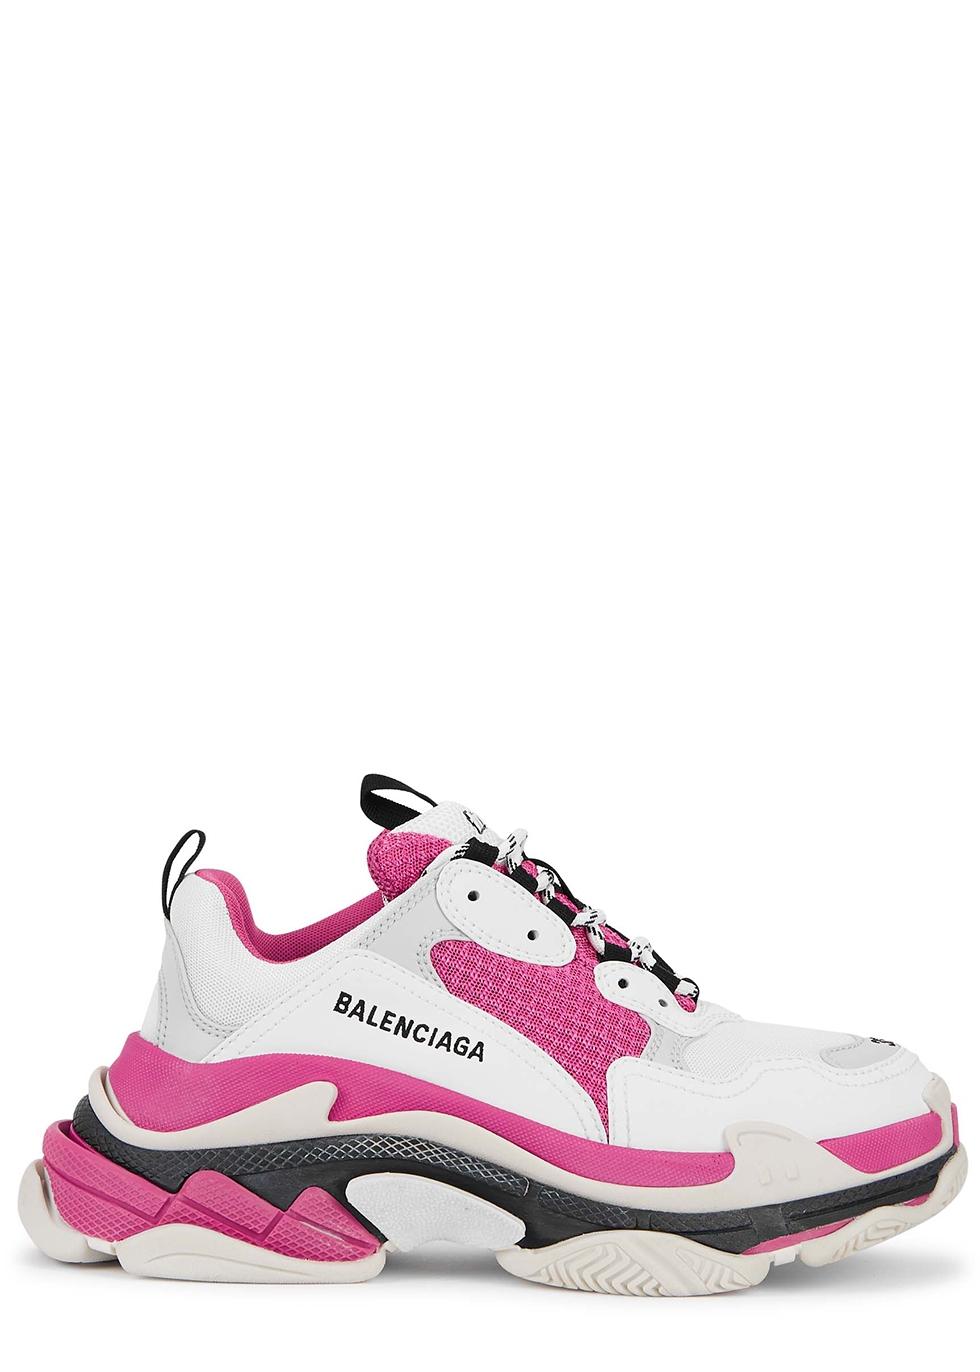 Satın Al Balenciaga Triple S Sneaker Erkekler Kadınlar Bej